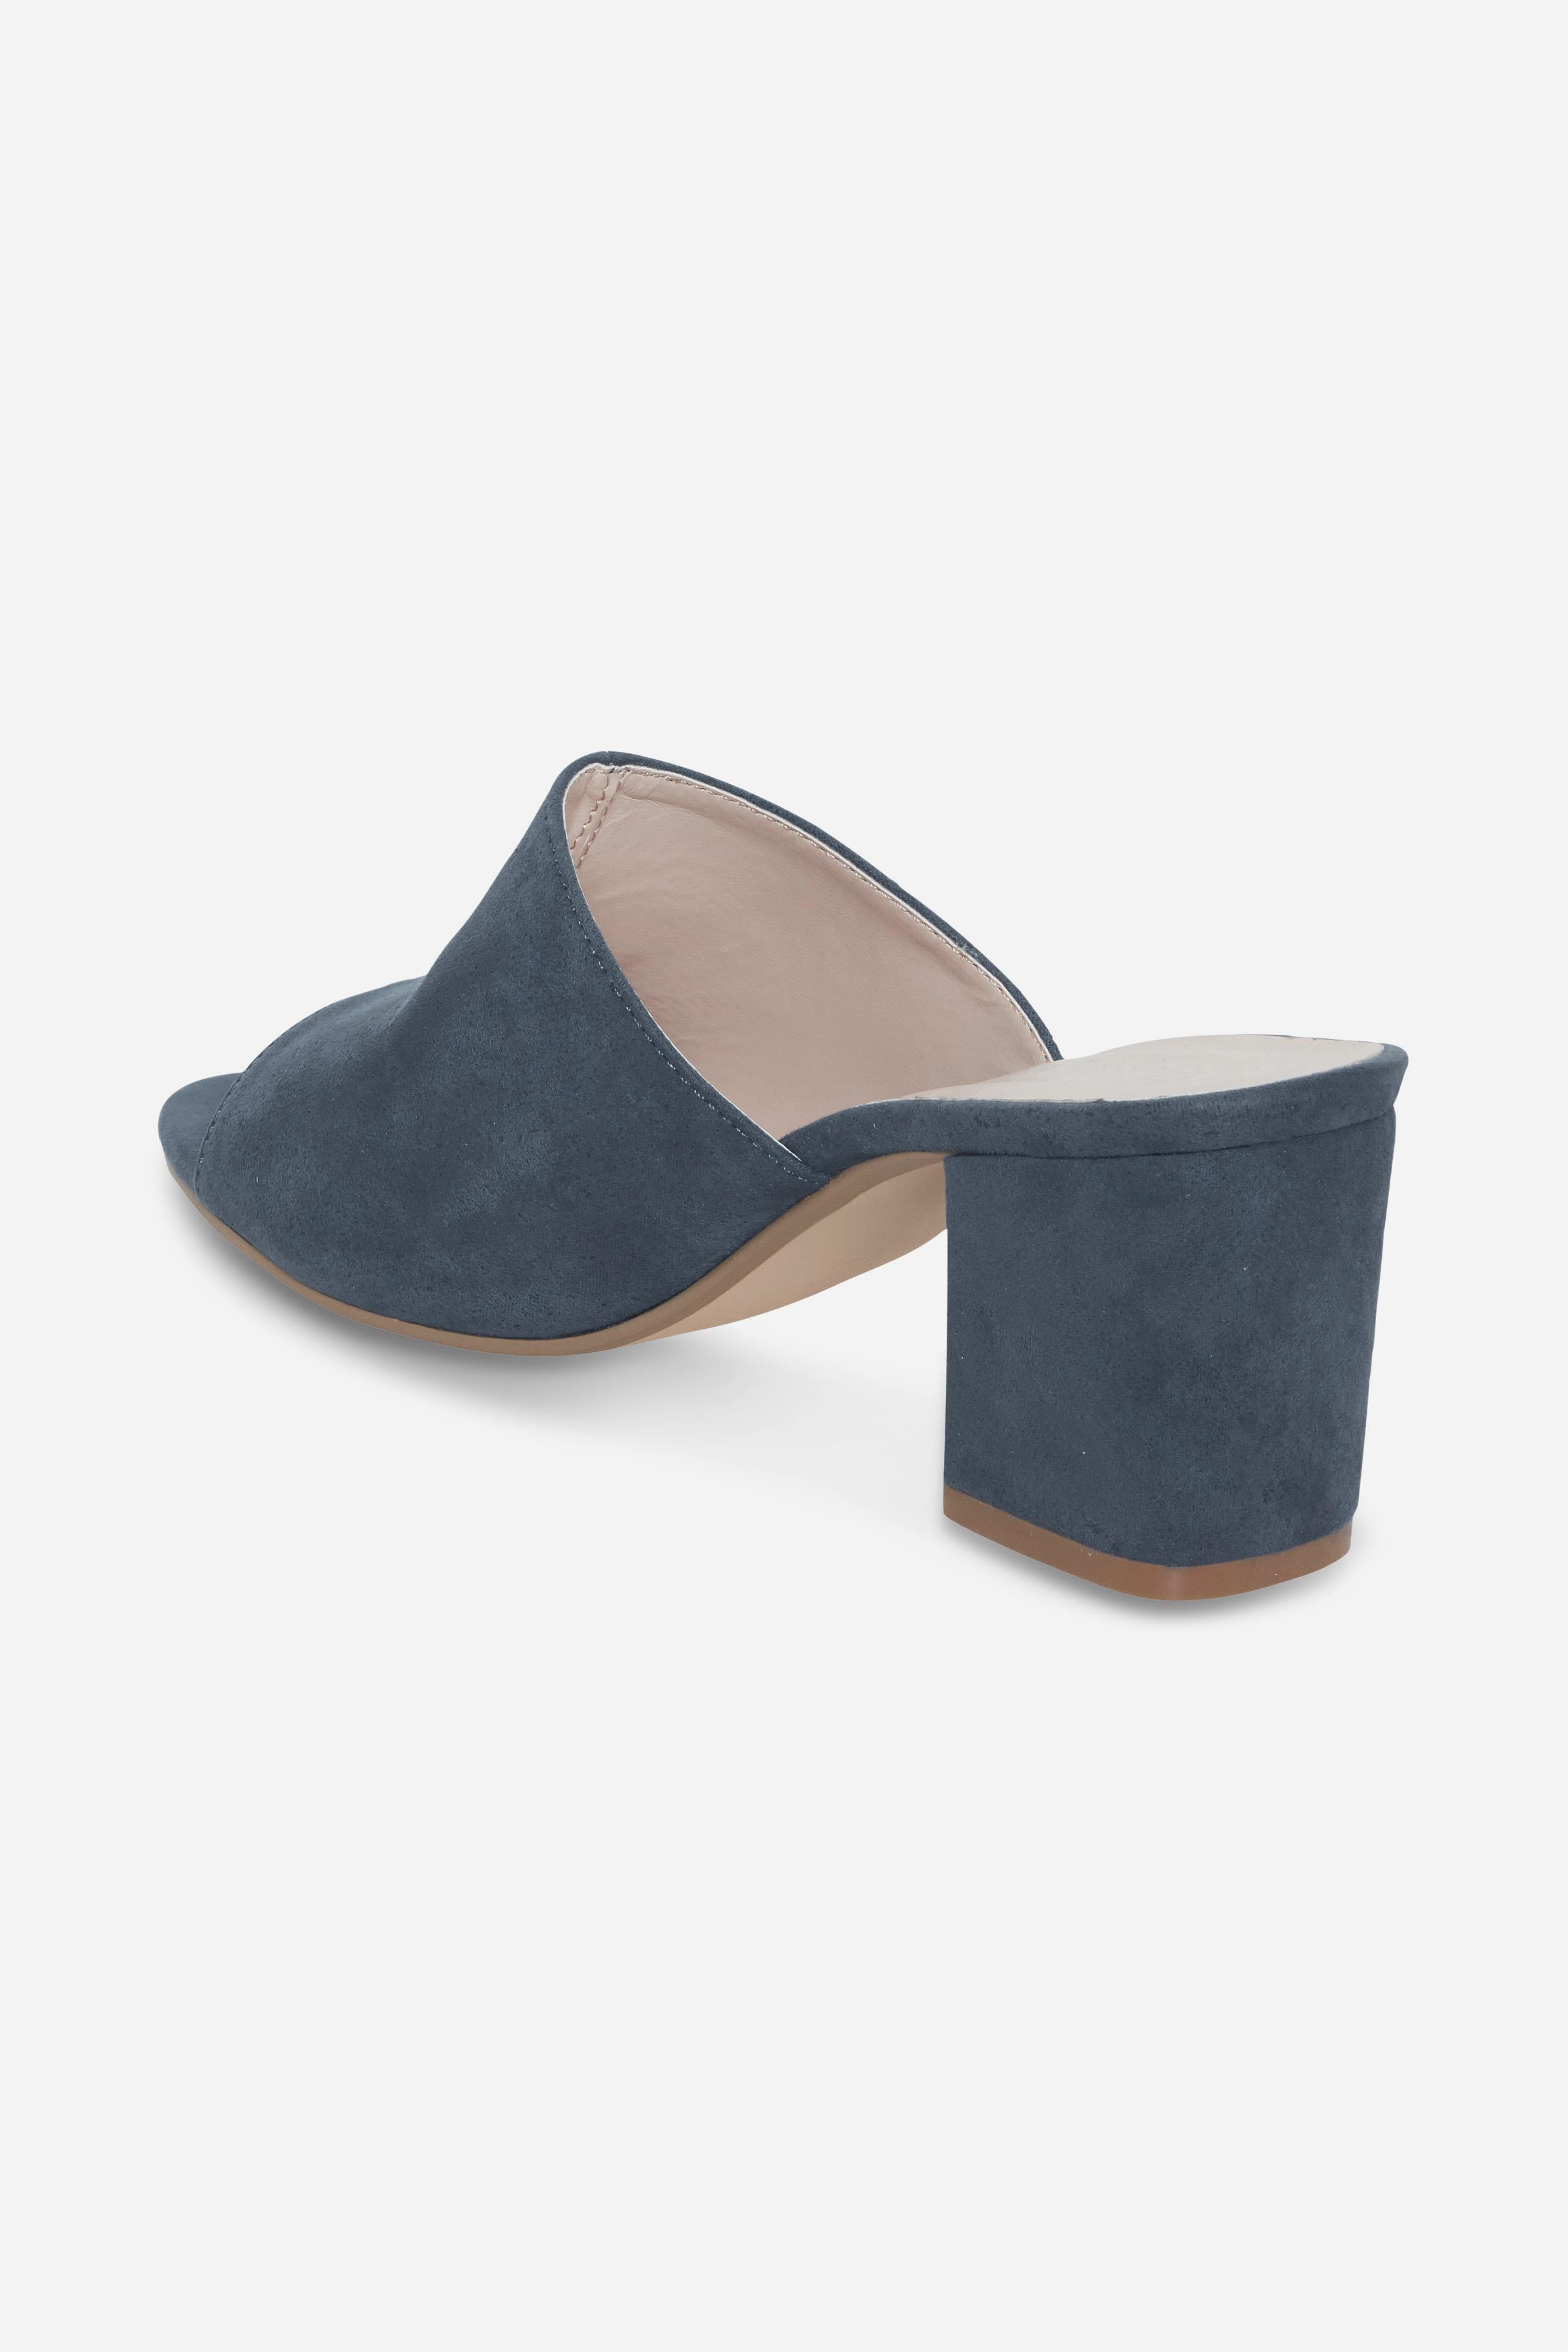 Staubblau Schuh von Ichi - accessories – Shoppen Sie Staubblau Schuh ab Gr. 36-41 hier